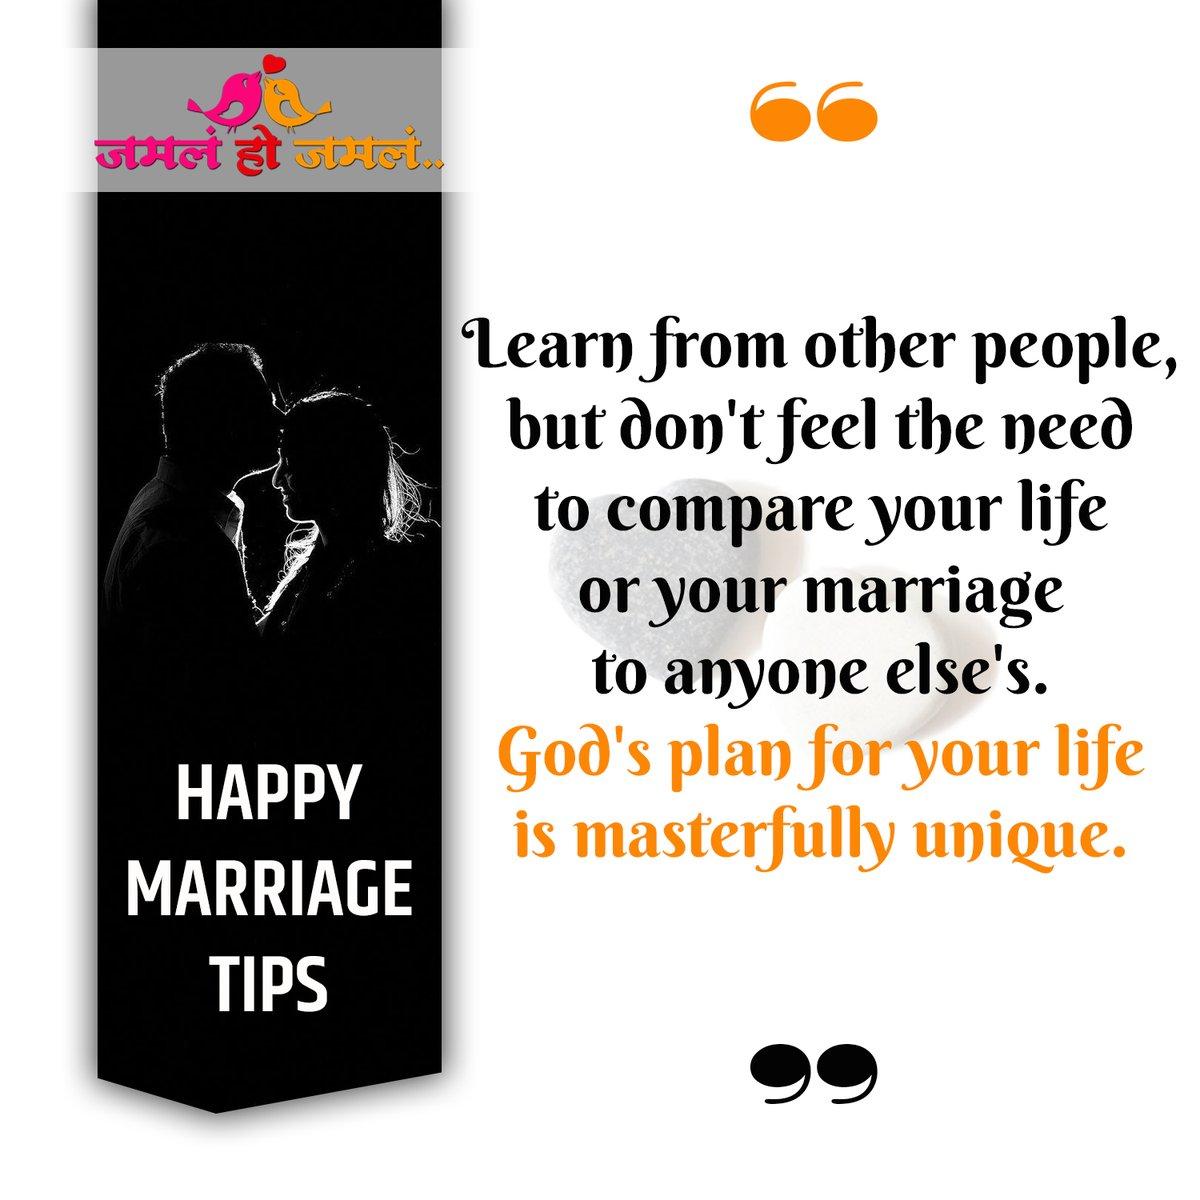 #Wedding #Bride #WeddingDay #WeddingInspiration #Marriage #InstaWedding #marathi #maharashtra #marathistatus #marathimulga #marathimulgi #mimarathi #maharashtrian #prem #marathiactress #marathiweddings #marathibrides #marathigrooms #HappyMarriage #HappyCouple #JamalHoJamalpic.twitter.com/rnqpszgkni